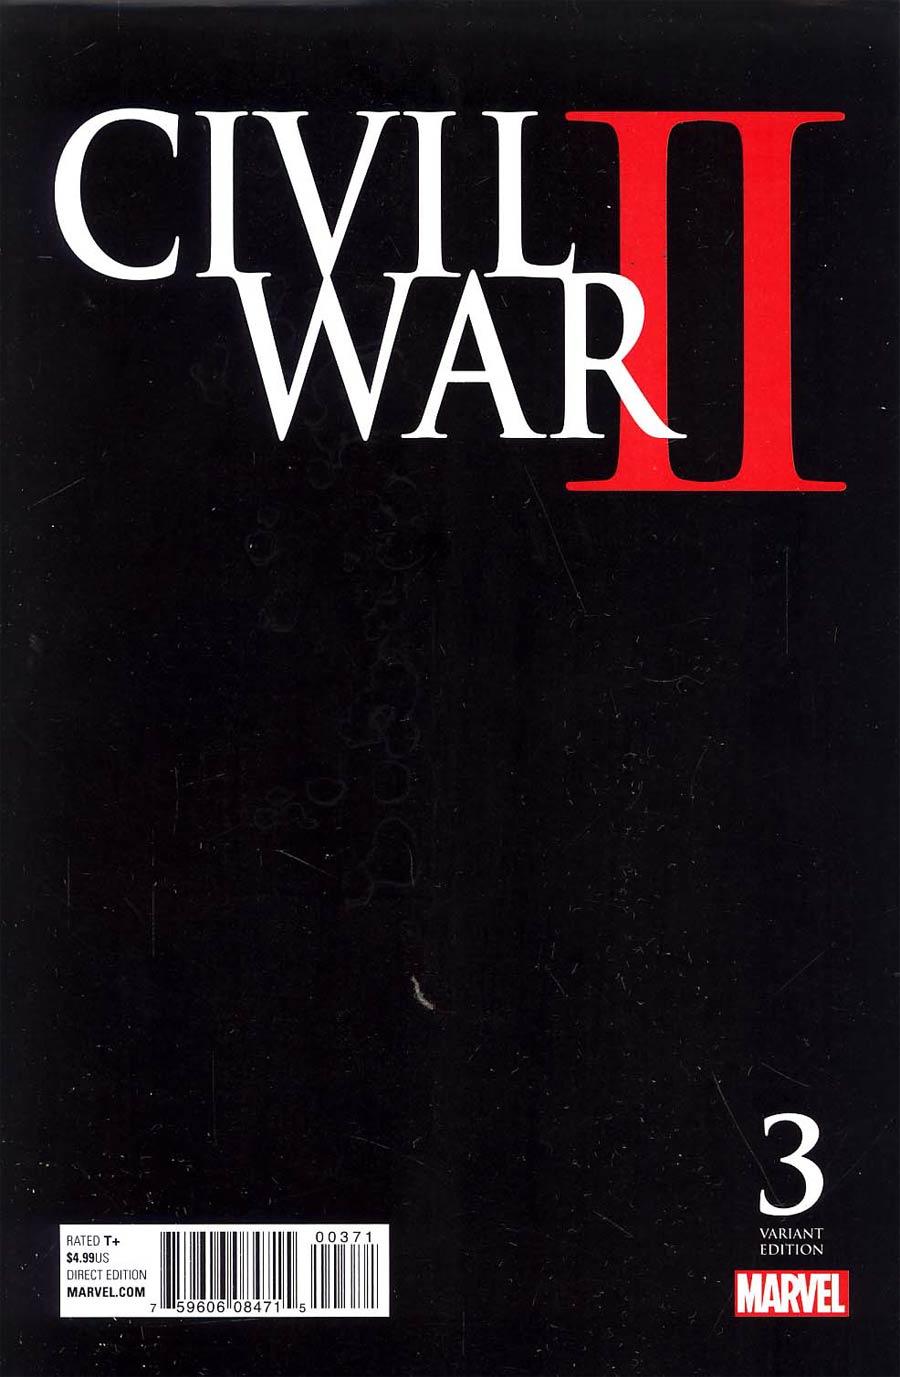 Civil War II #3 Cover D Variant Joe Quesada Midnight Launch Cover